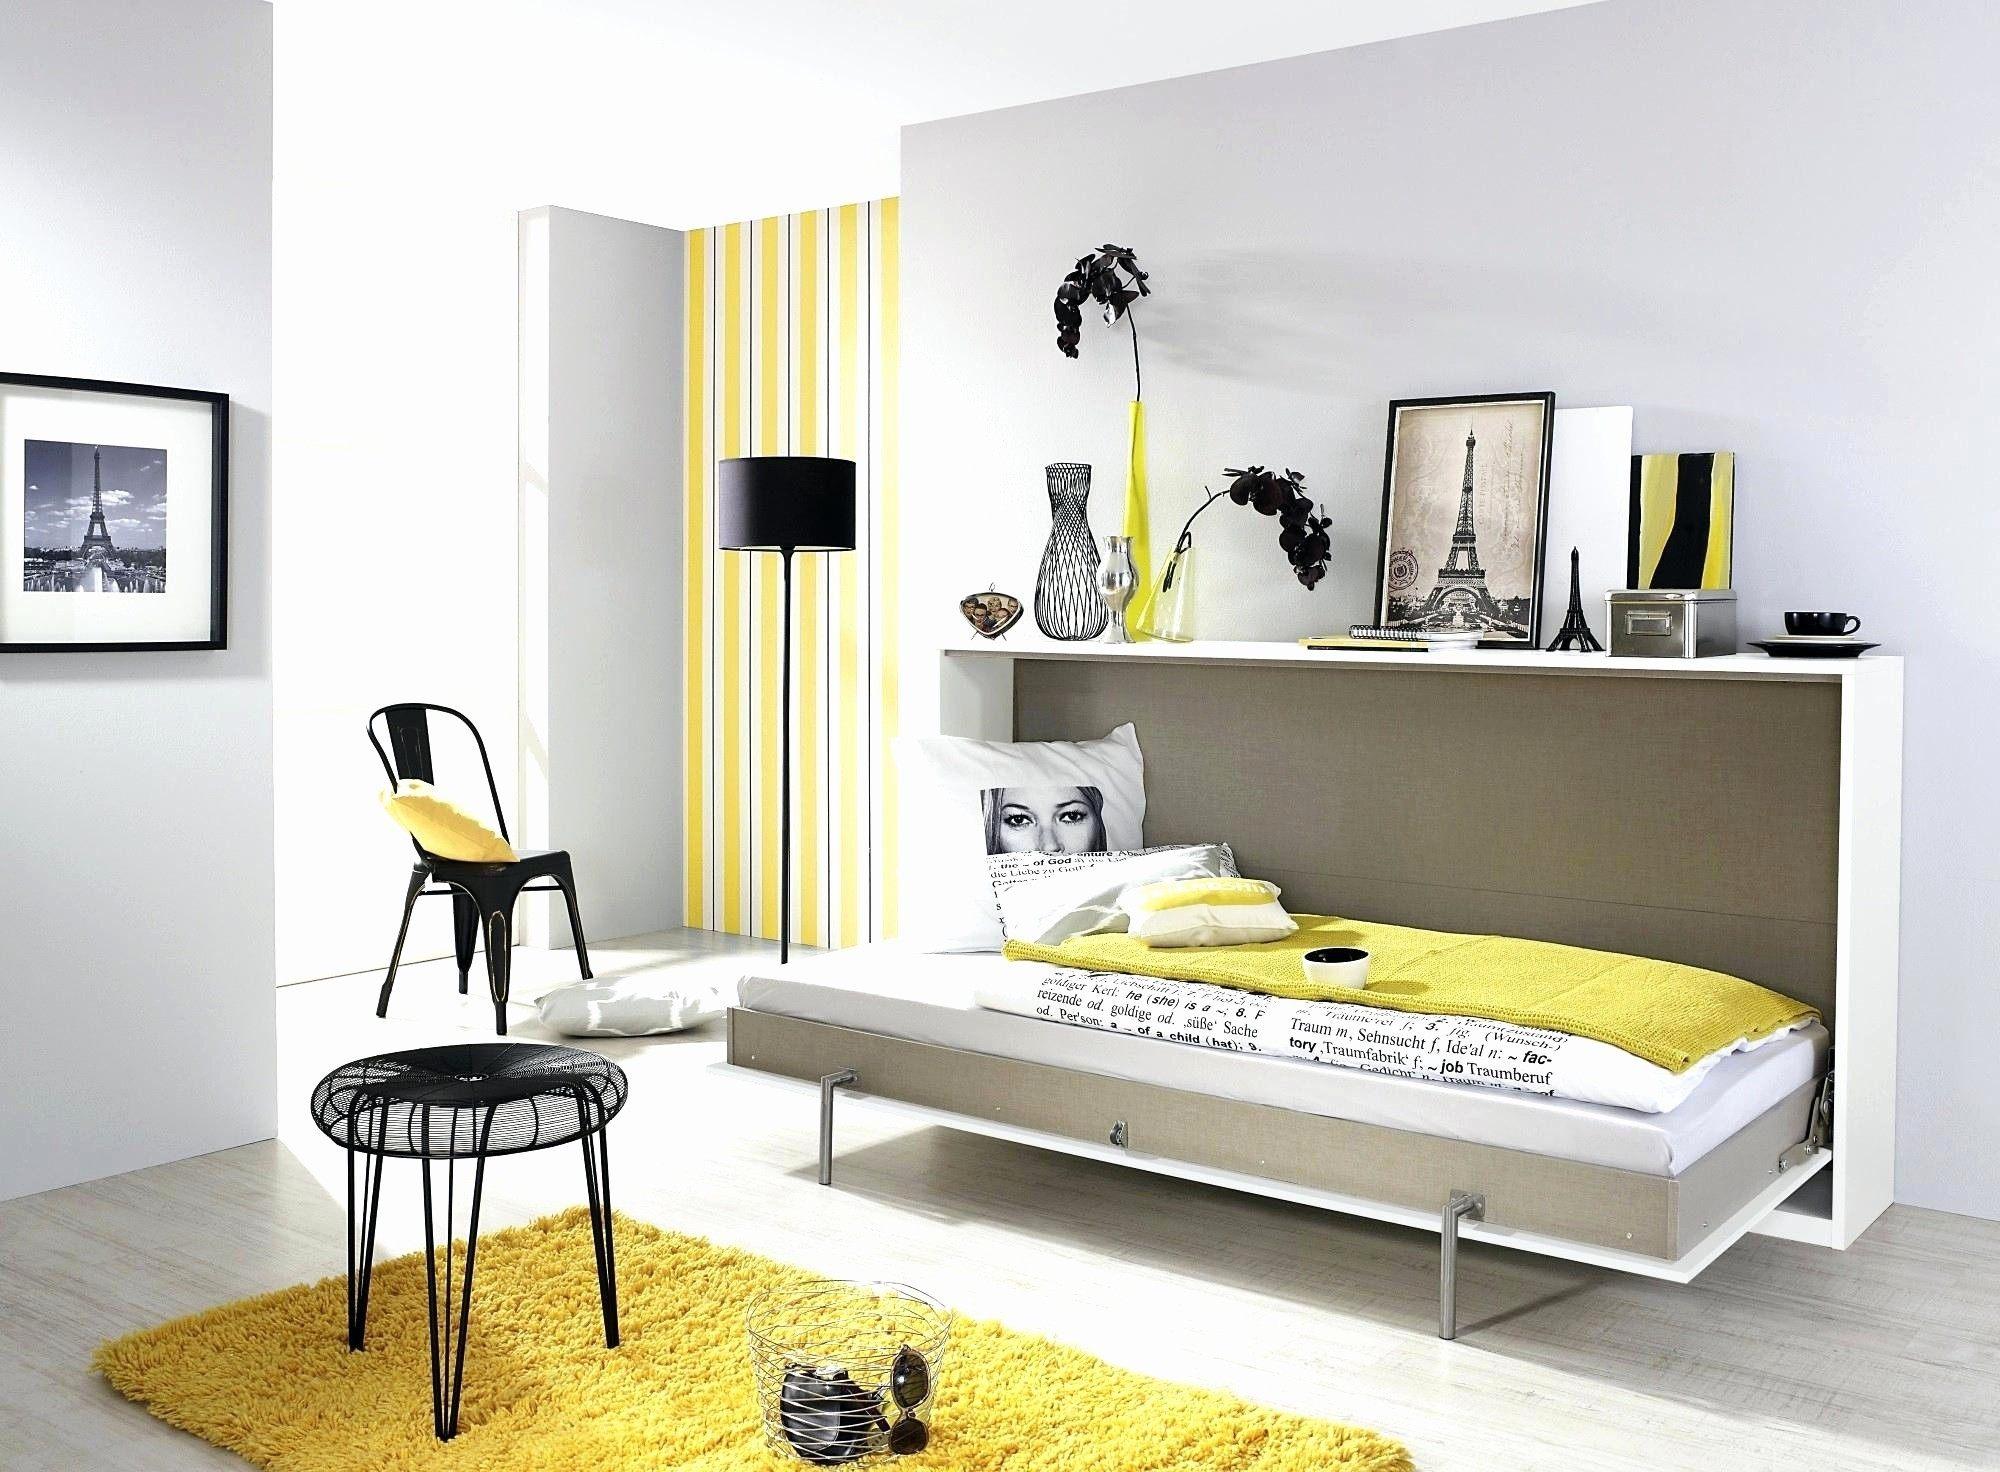 Lit Rabattable Ikea Nouveau Lit Rabattable Ikea Nouveau Glamour Ikea Canape Blanc Et Armoire Lit